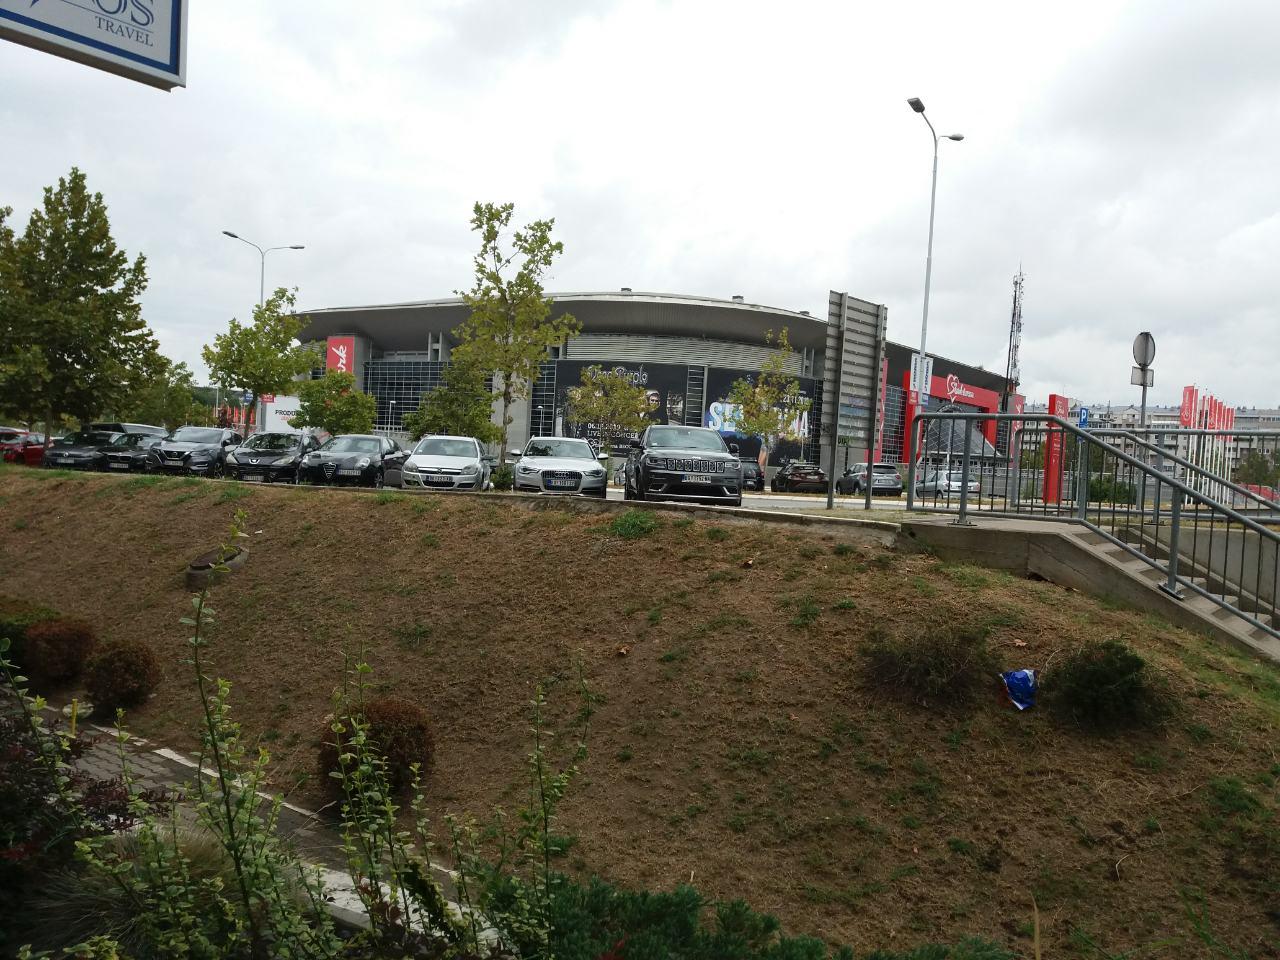 Beo-lab laboratorija Arena, Bul. Arsenija Čarnojevića 64 5